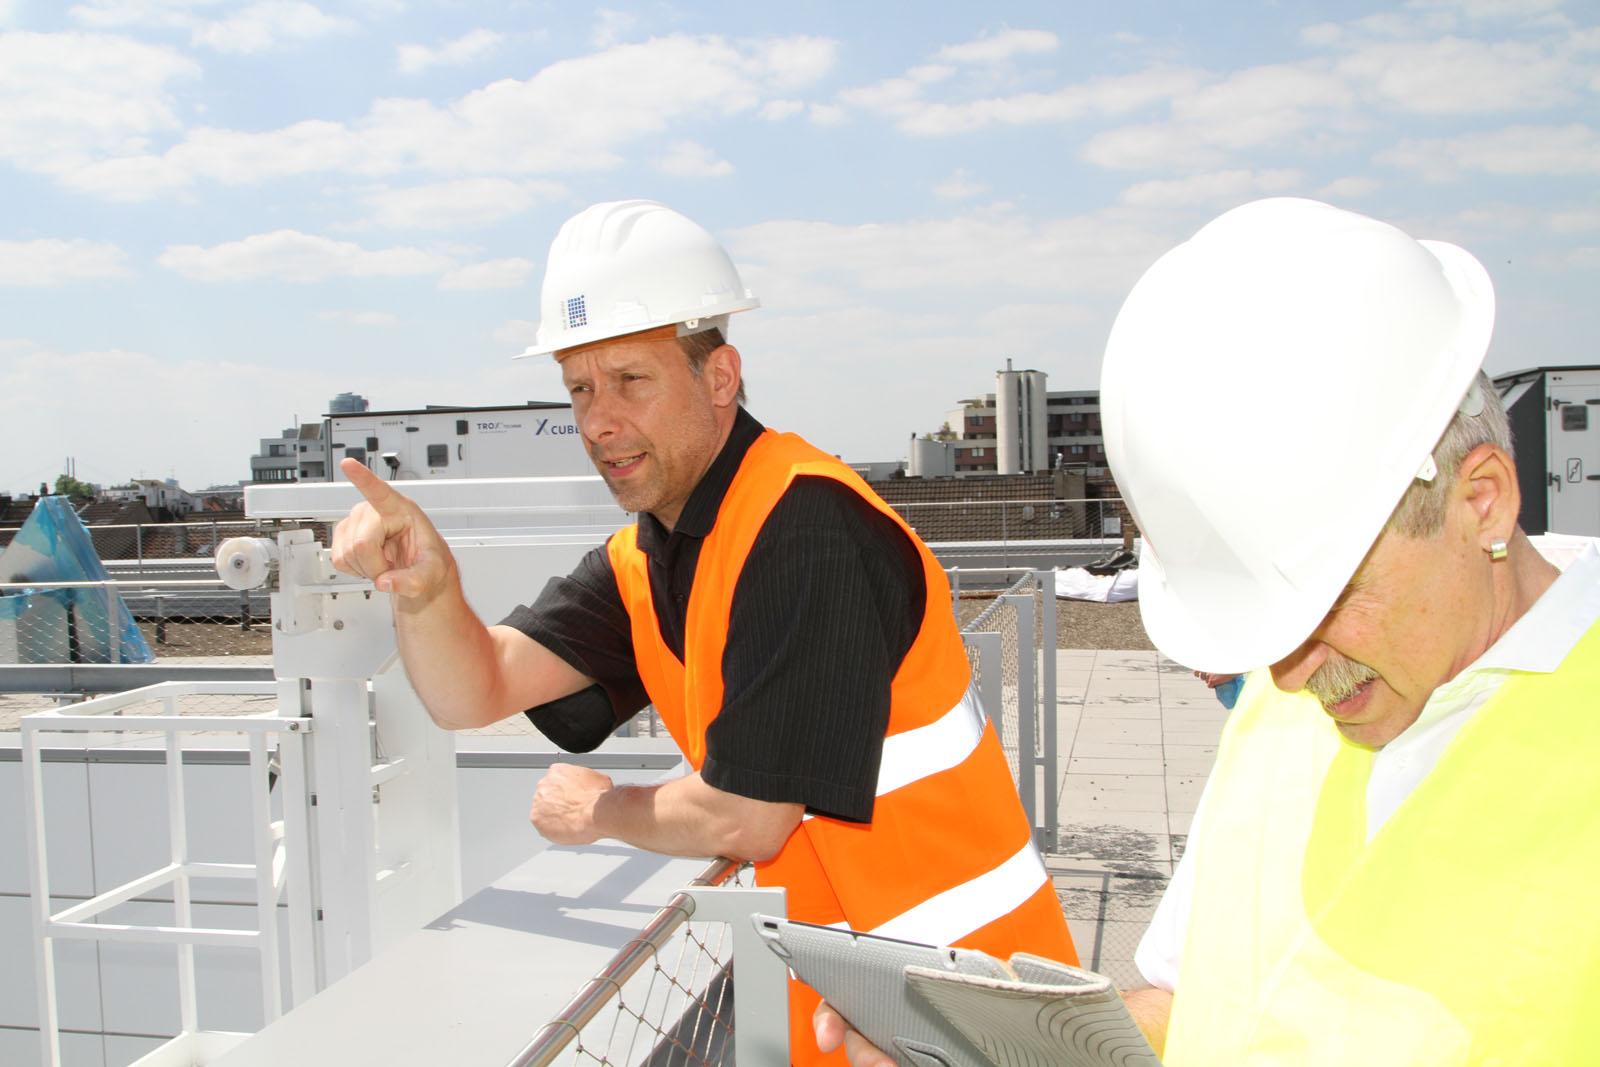 Российские специалисты изучают опыт Германии в строительстве университетских кампусов и строительстве энергоэффективных зданий и сооружений